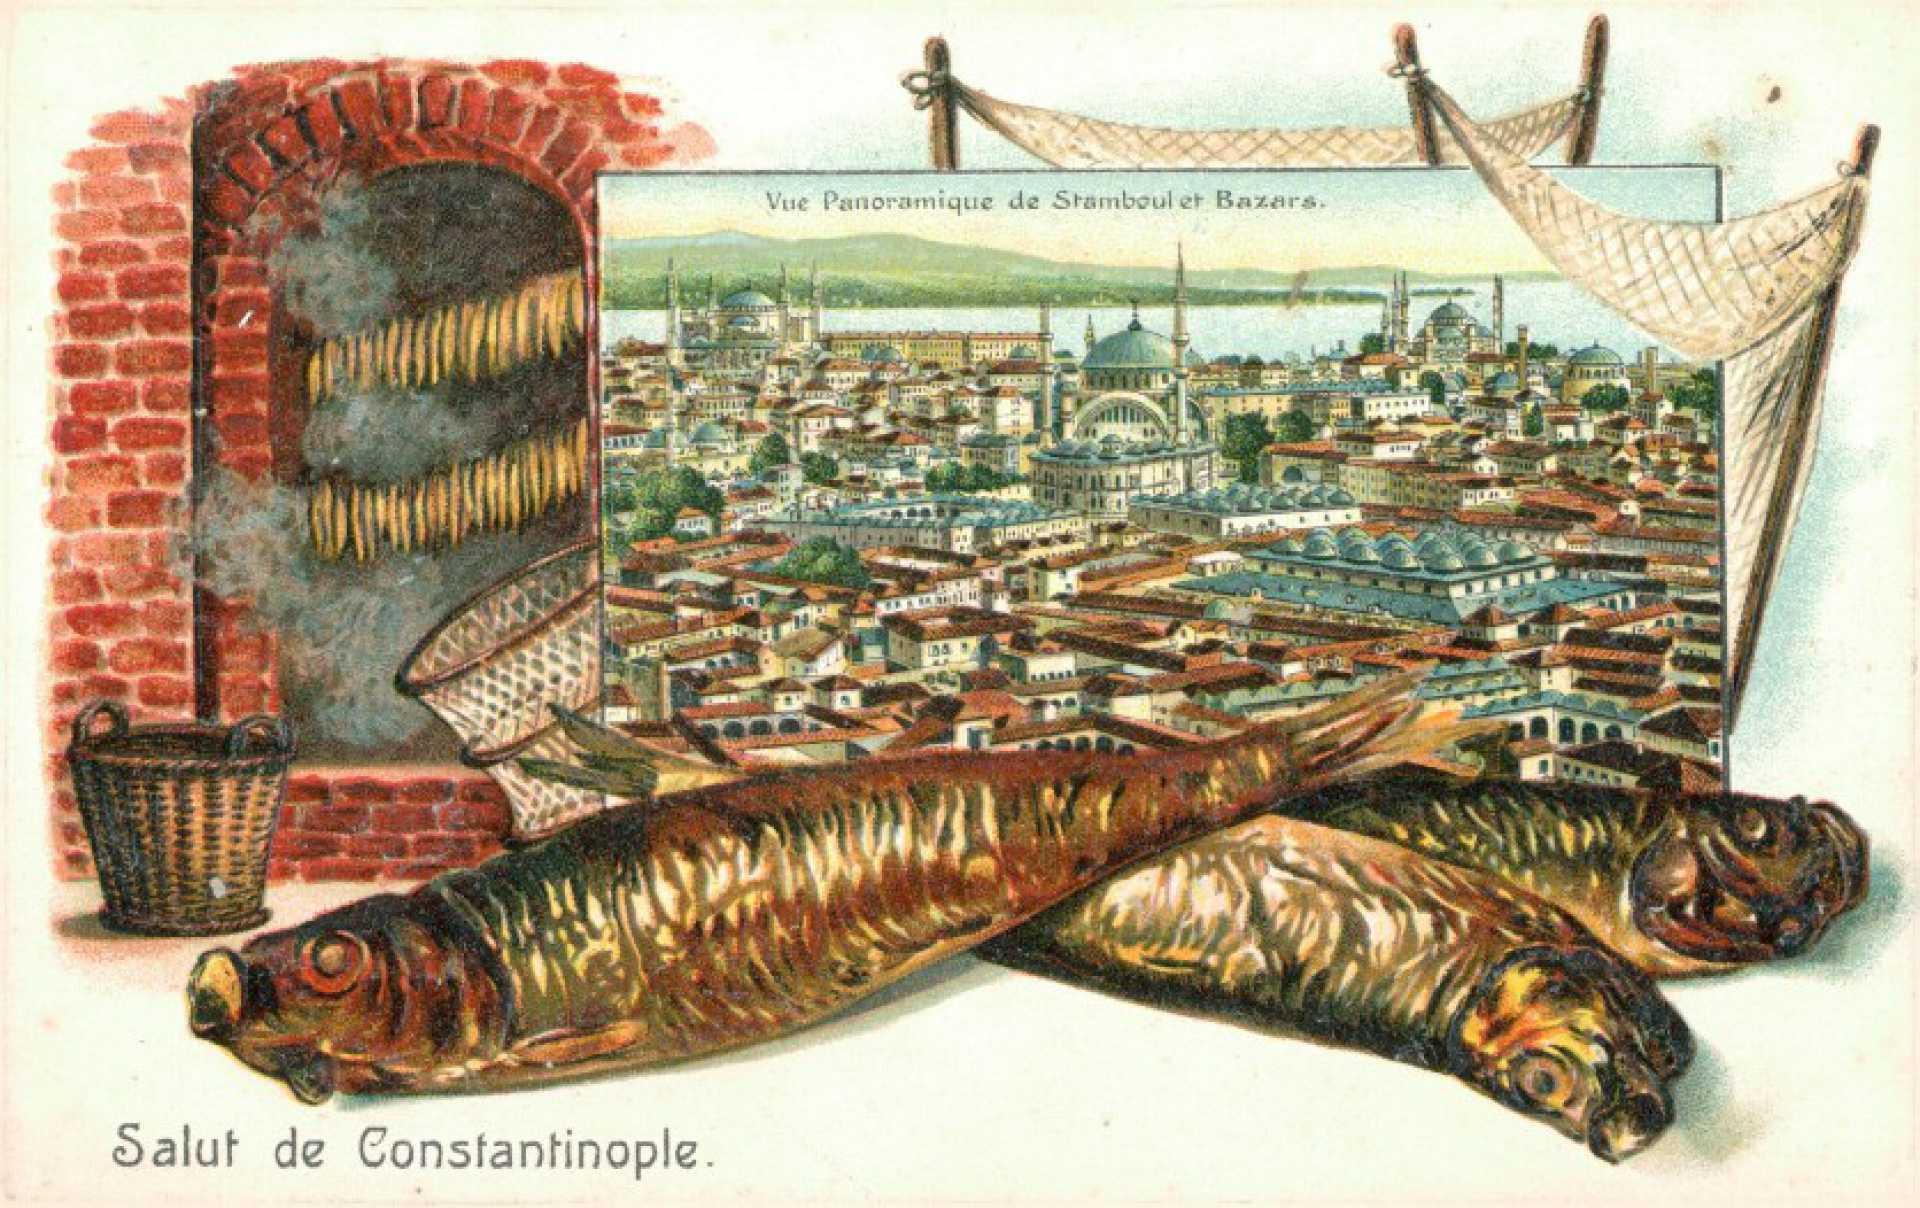 Vue Panoramique de Stamboul et Bazars.